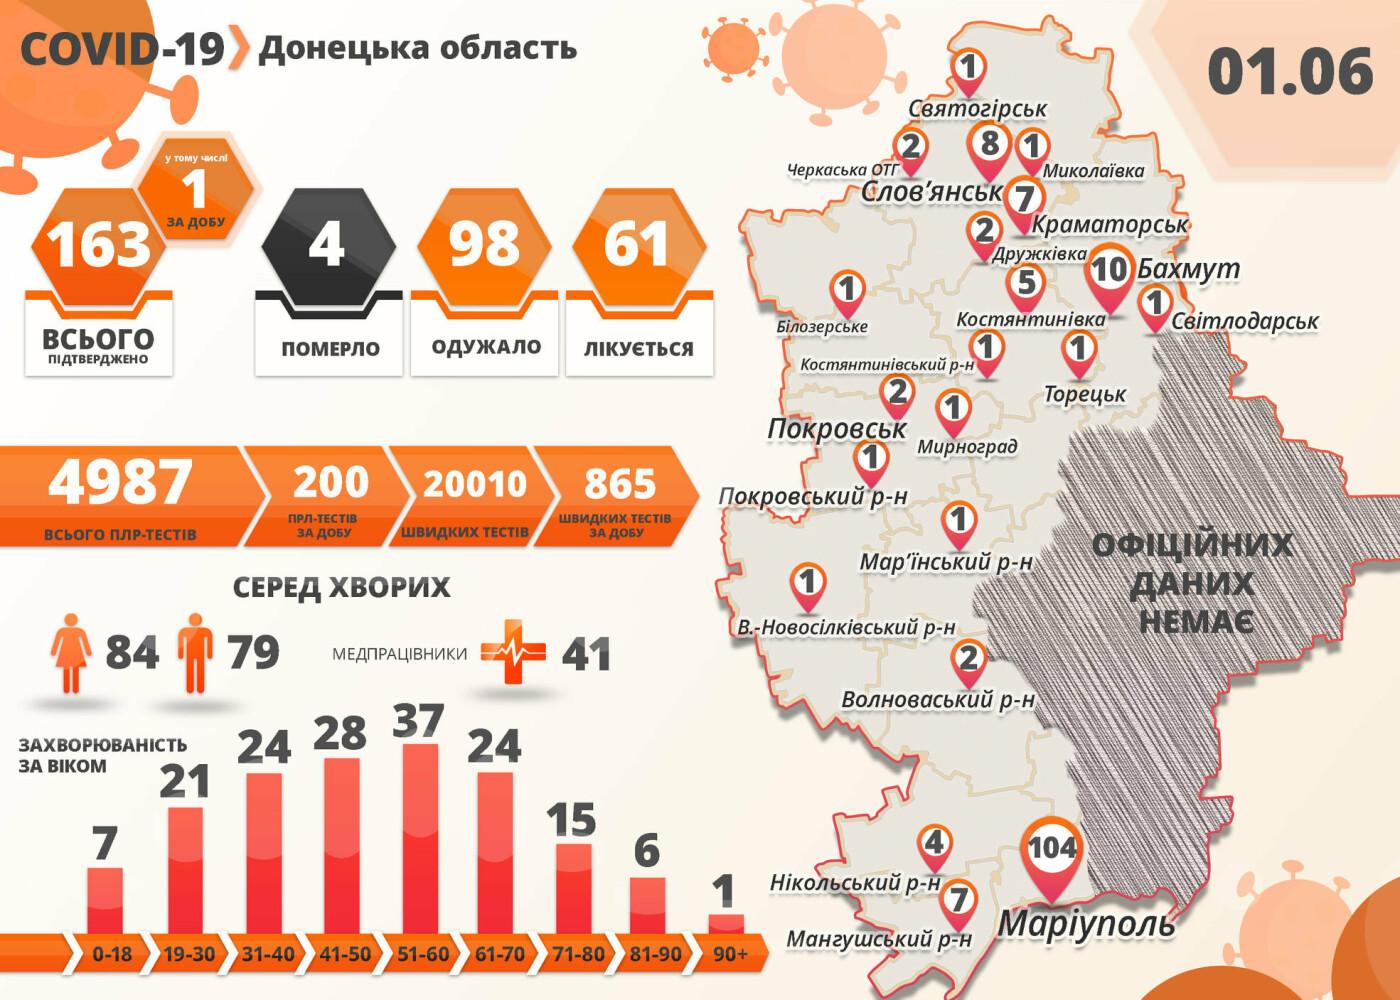 В Донецкой области за сутки зафиксирован только один случай коронавируса, фото-1